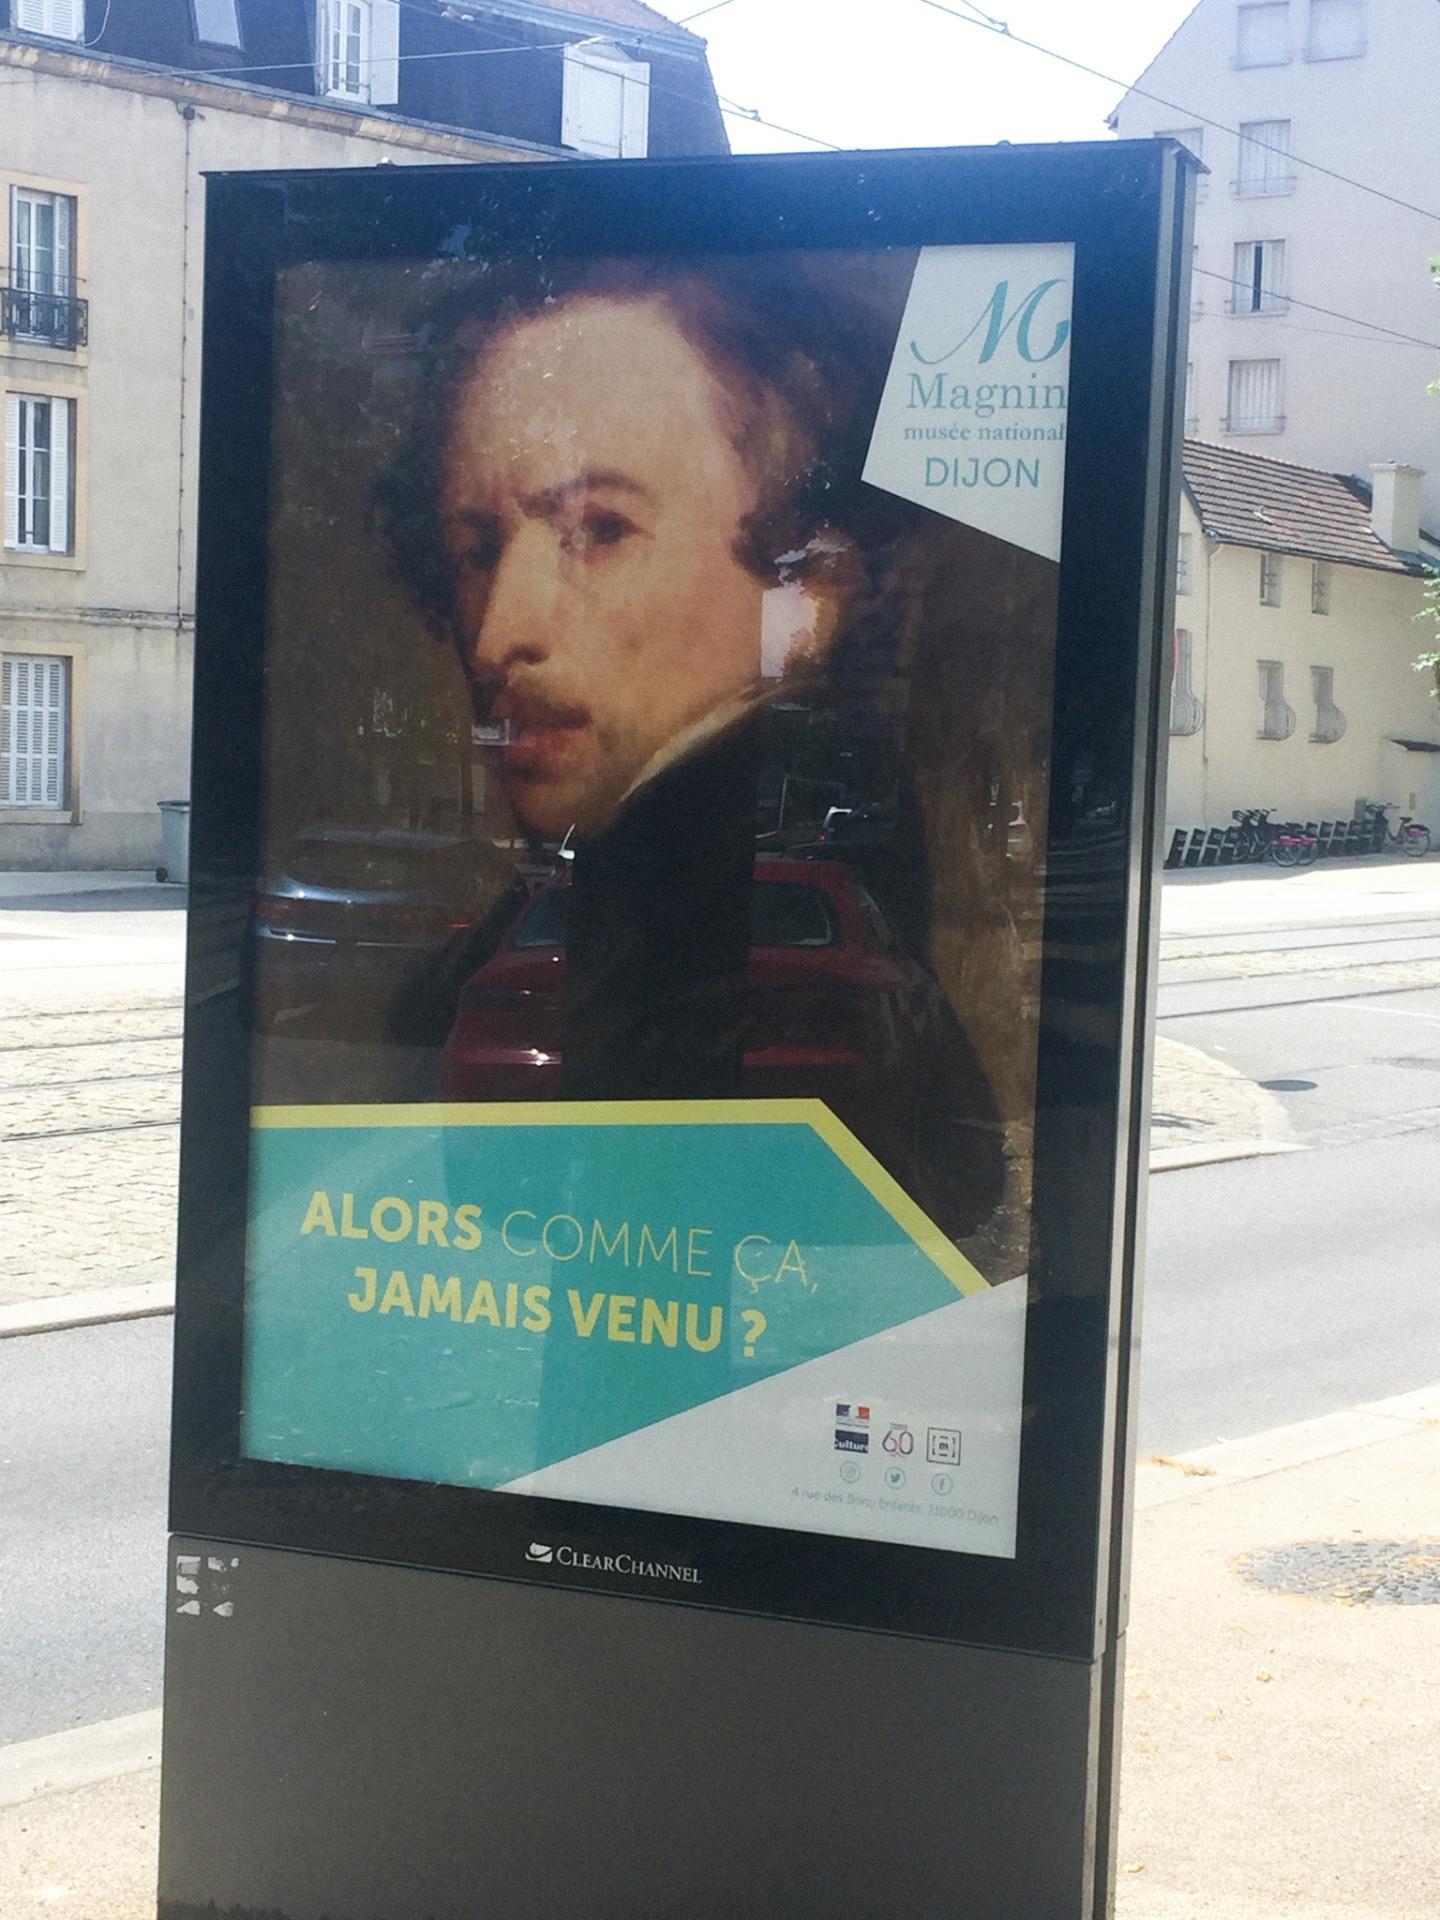 Campagne d'affichage du musée Magnin deuxième affiche dans la rue